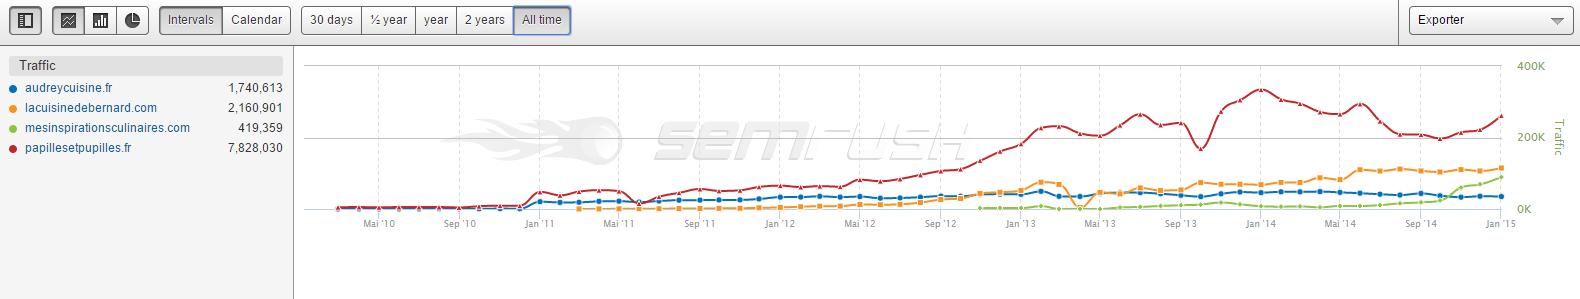 Trafic internet des blogs depuis 2011